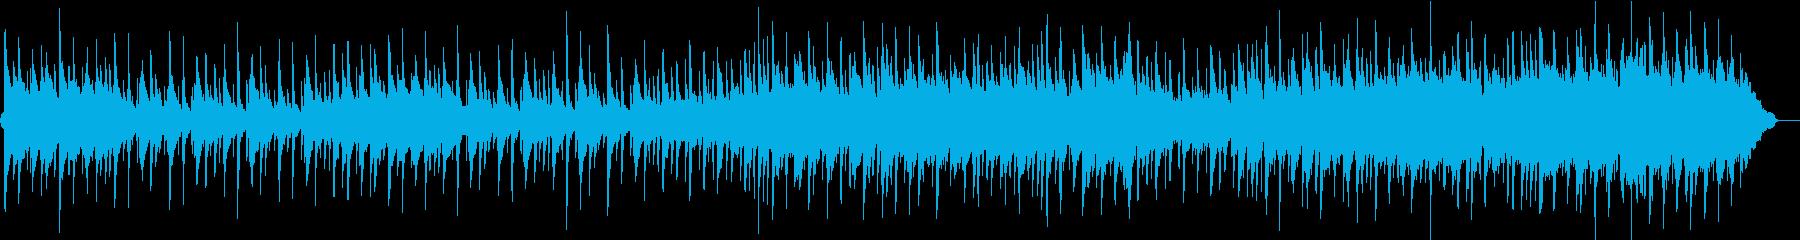 生演奏アコースティックワルツバラードの再生済みの波形